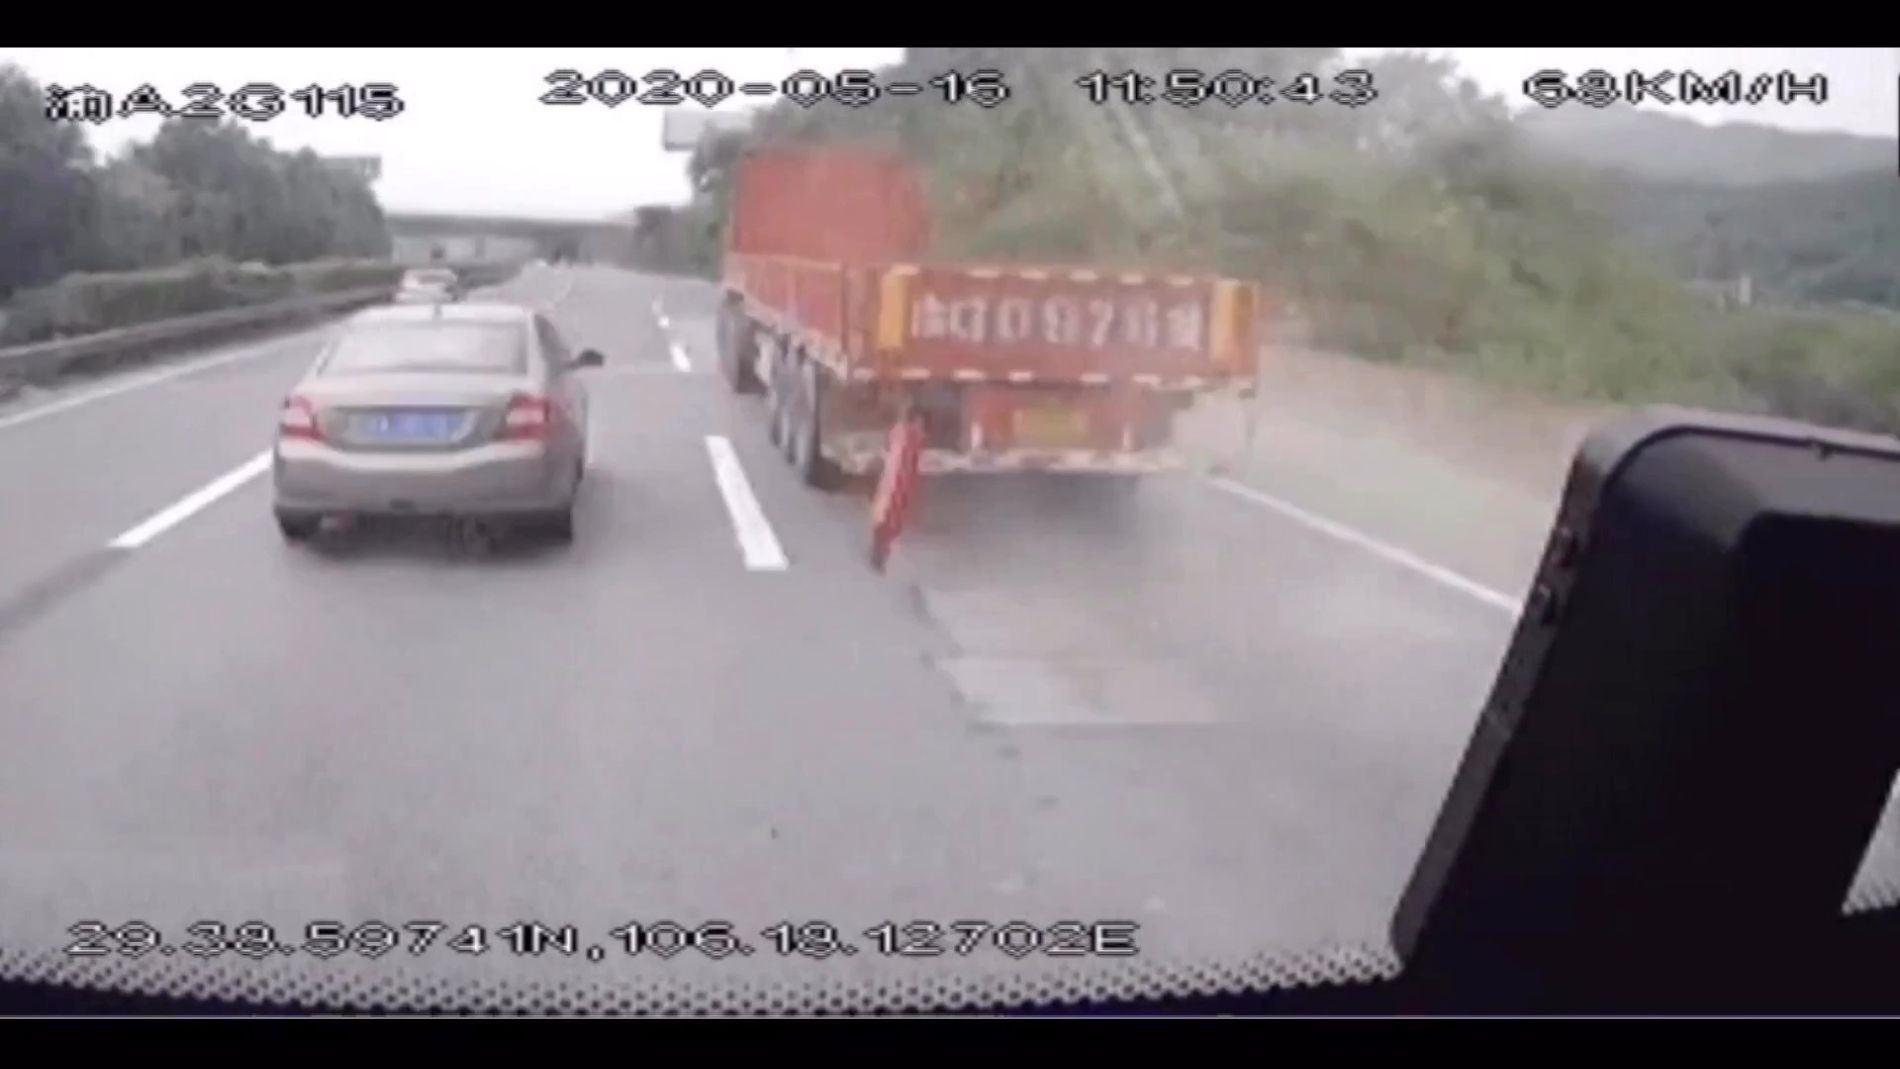 La sorprendente reacción de un conductor de autobús cuando un hierro atraviesa el parabrisas